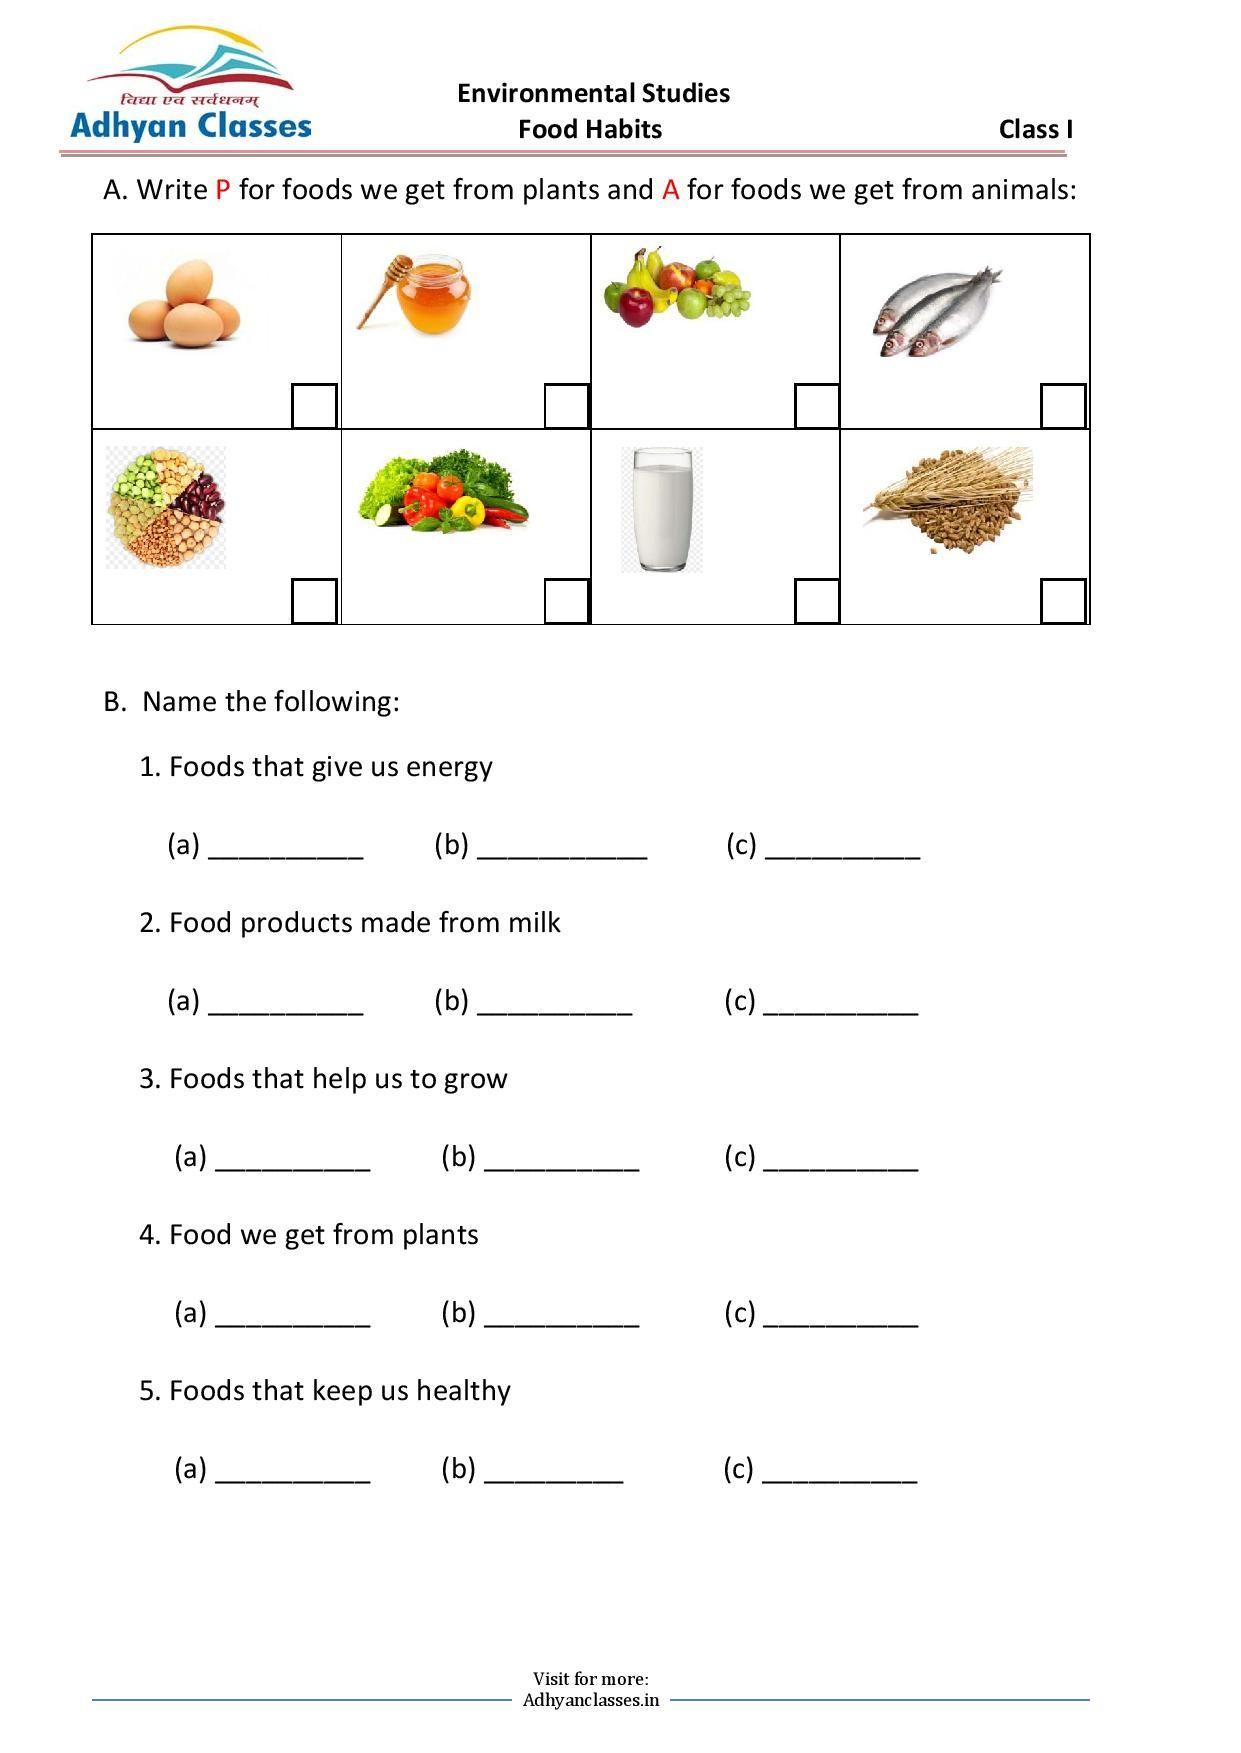 Food Habits Worksheets for Grade I   Food [ 1753 x 1241 Pixel ]